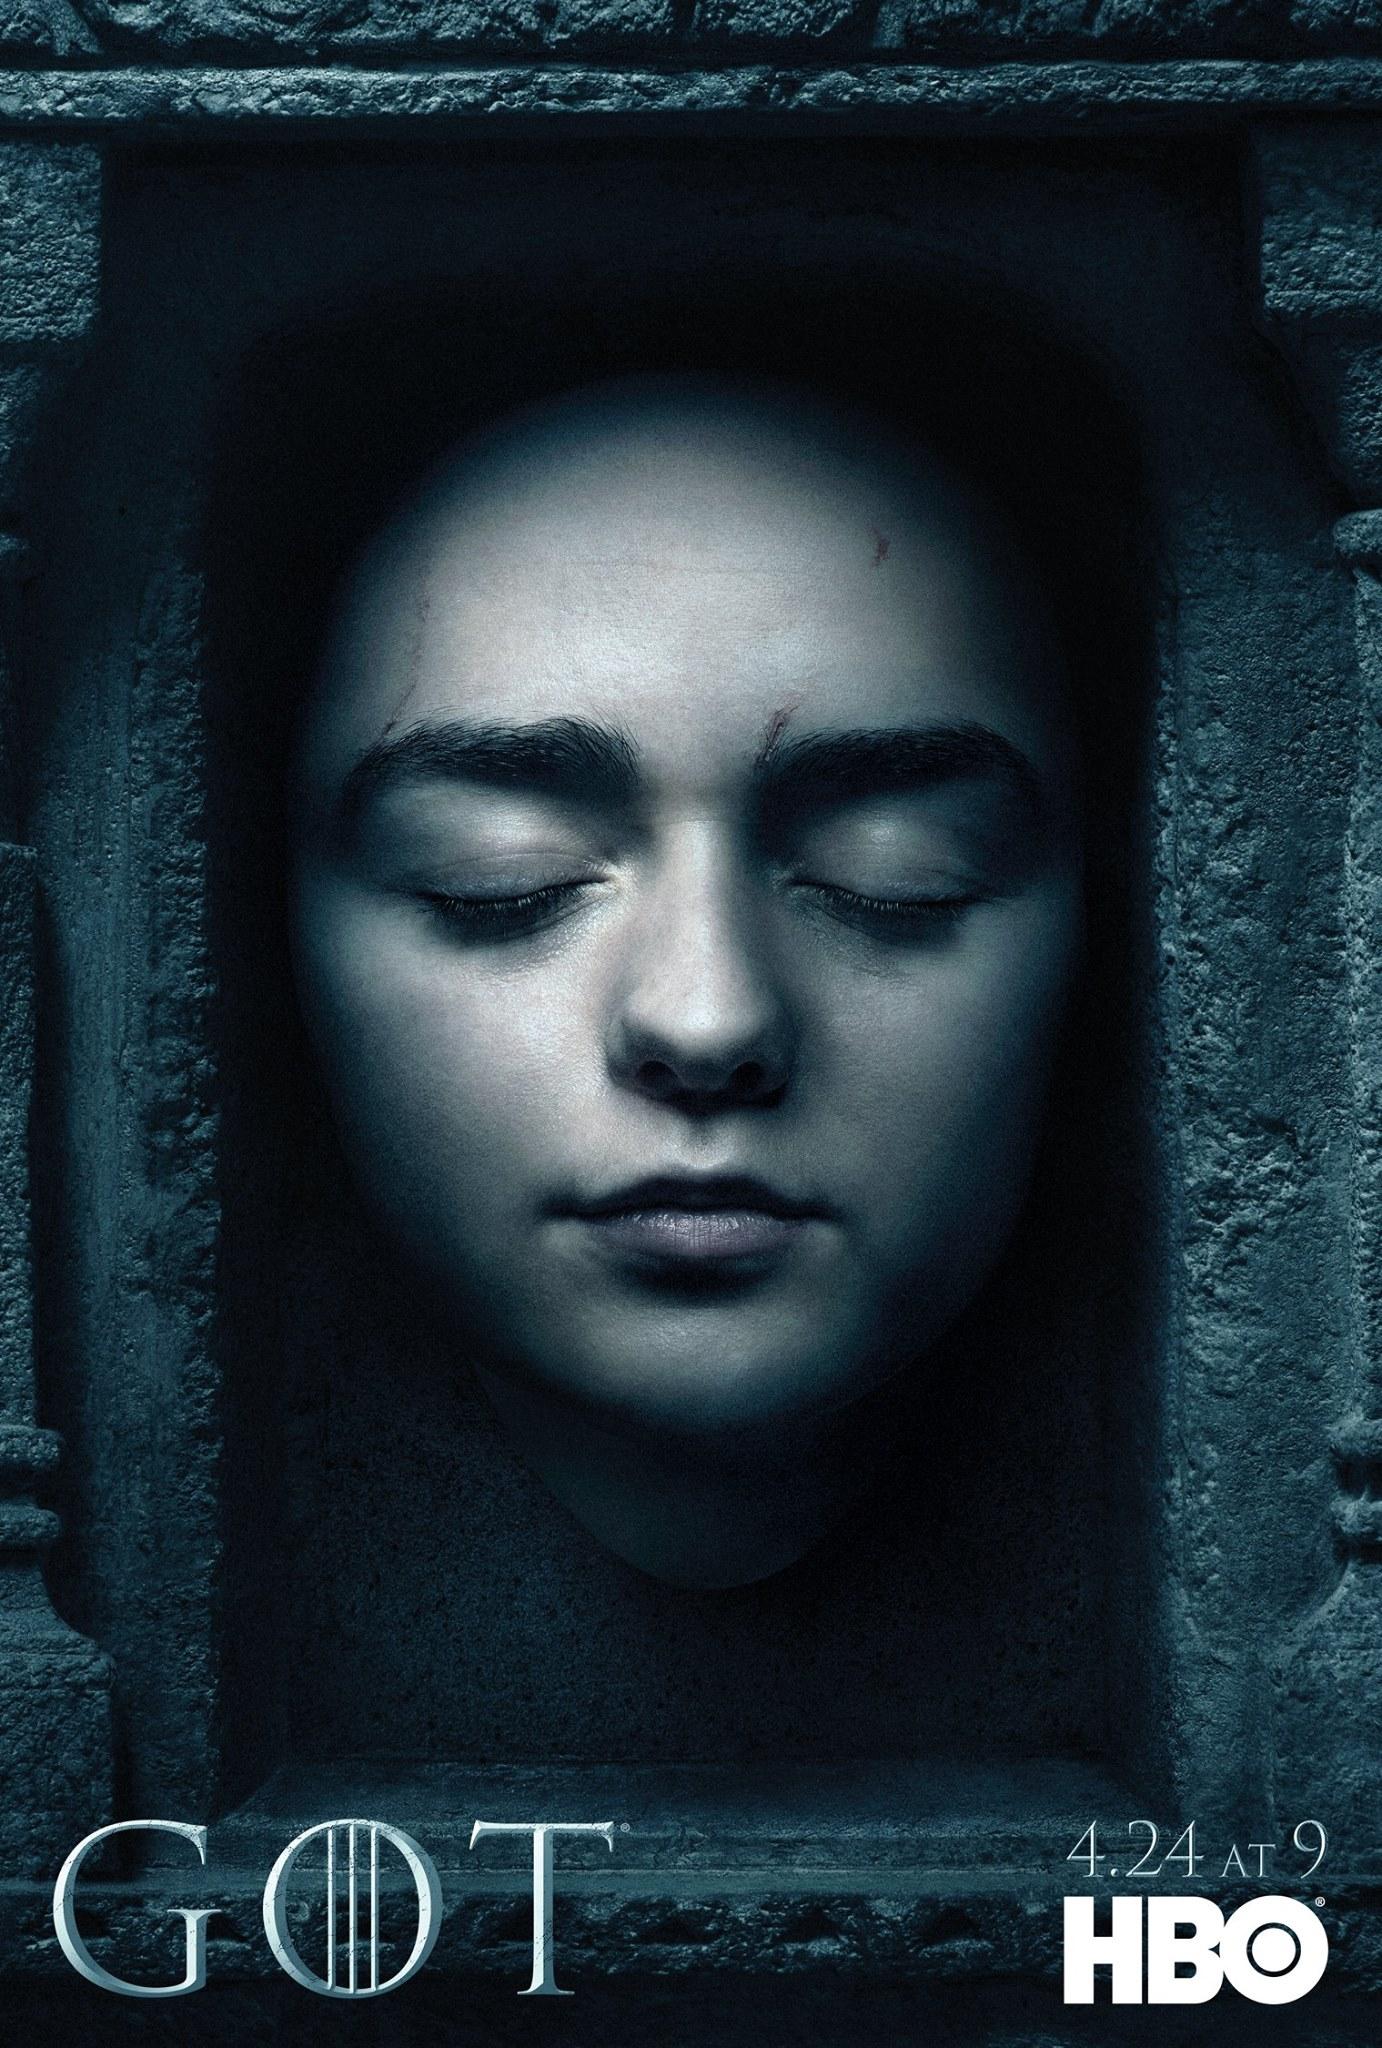 Il trono di spade: il character poster di Arya